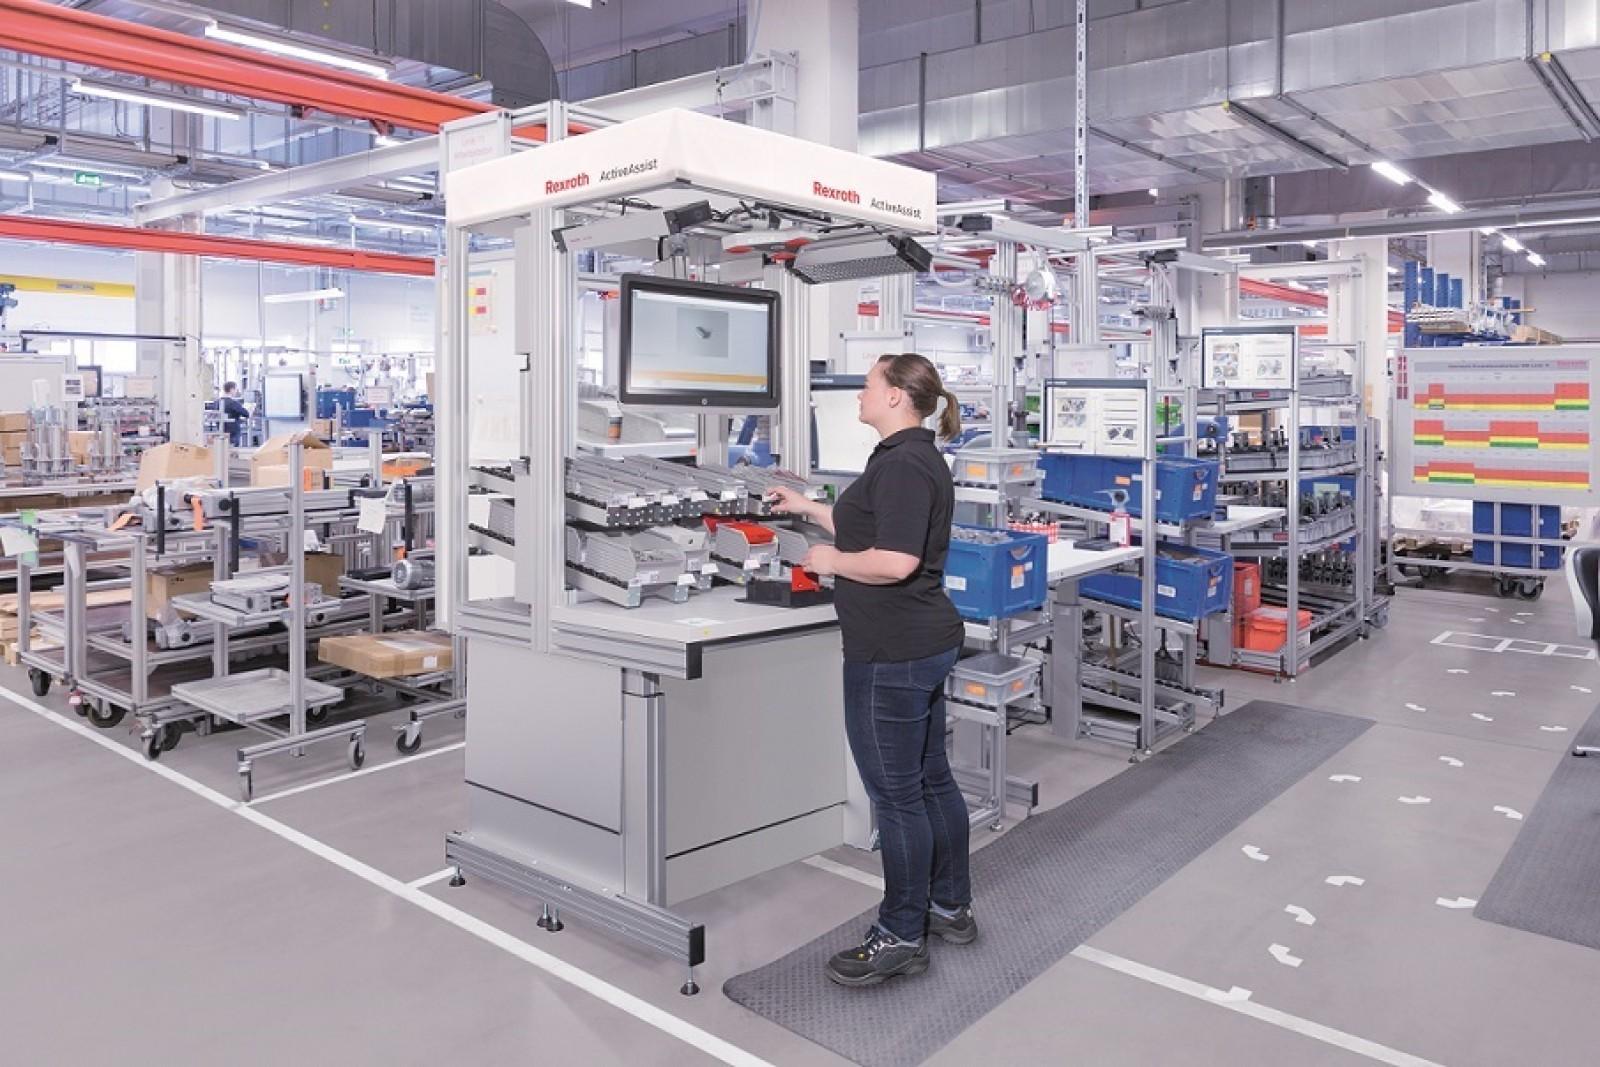 jövőkép rendszerek az iparban)